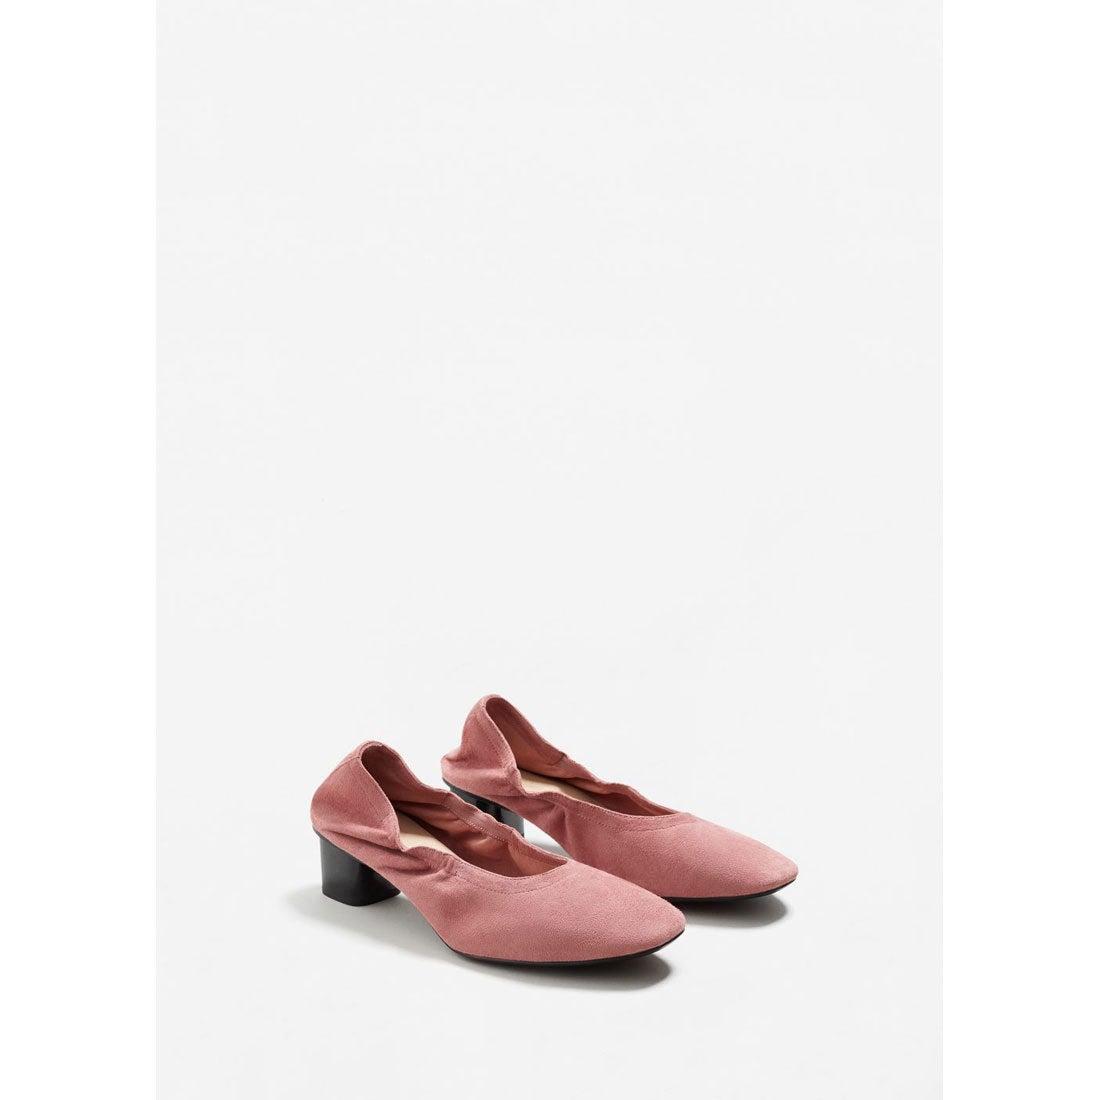 パンプス-PAULA(ピンク)